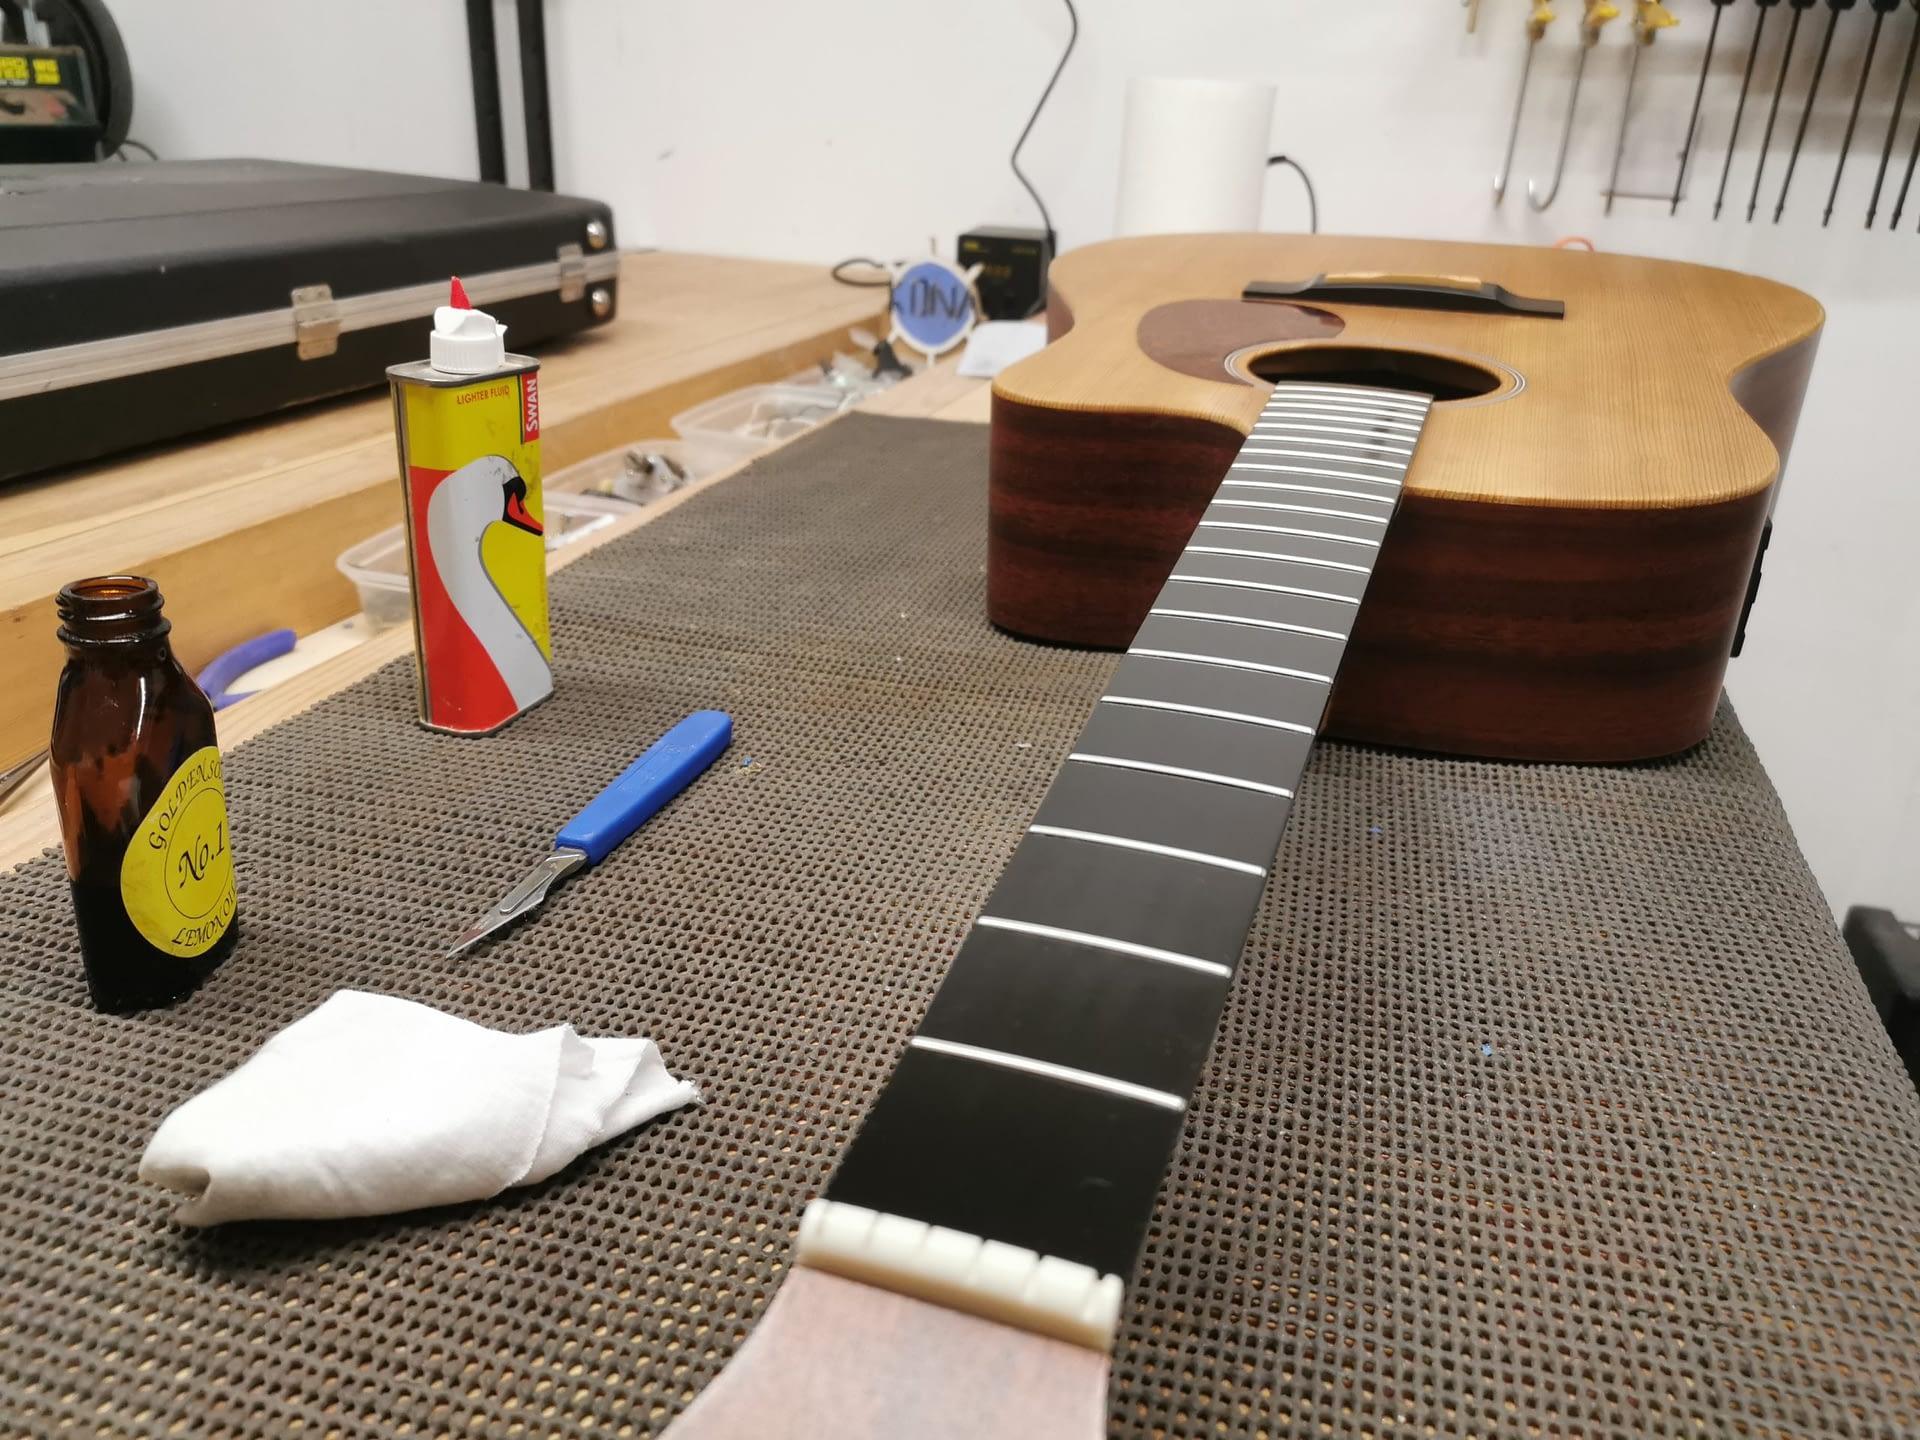 Lemon Oil for Martin Guitar Fretboard repair stroud